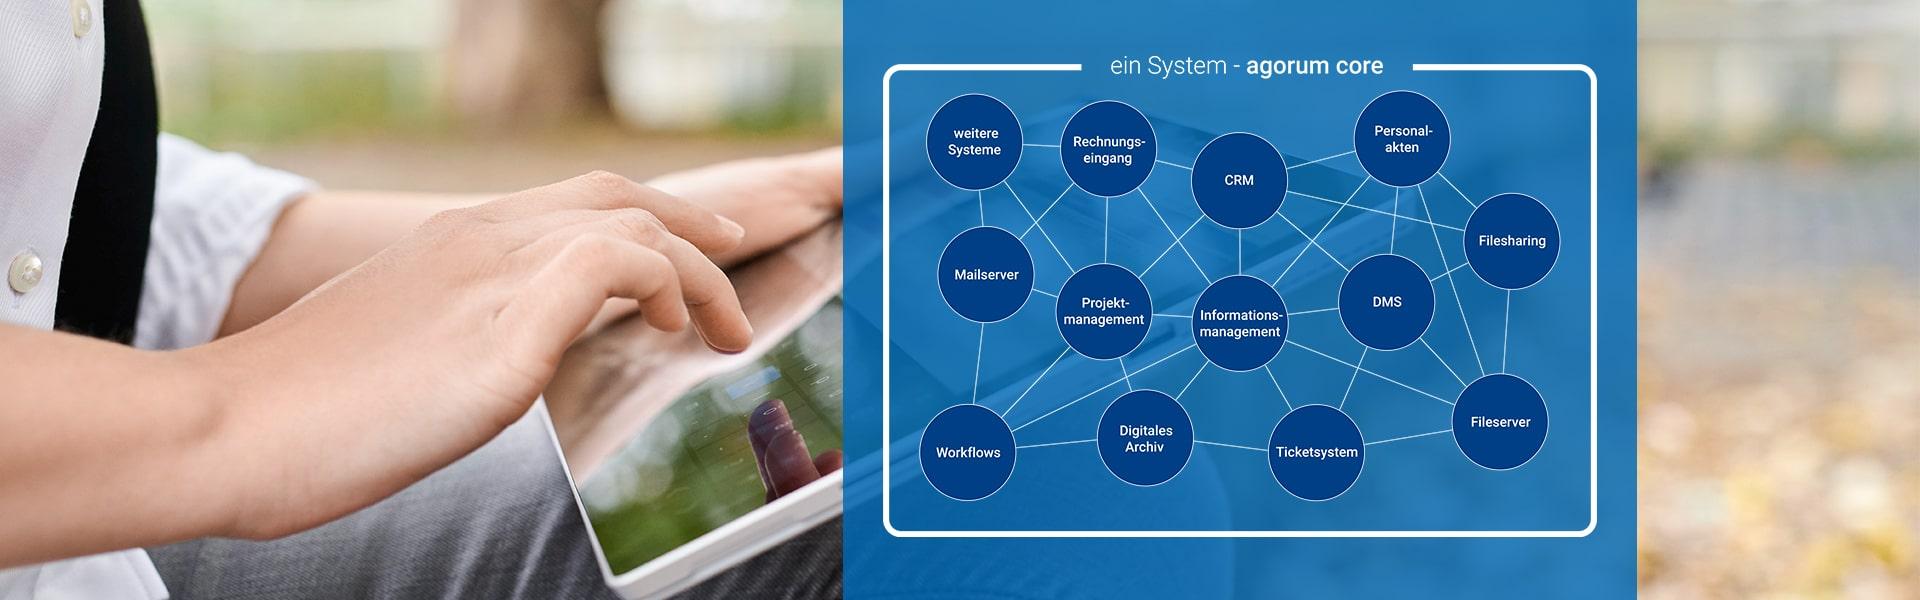 Dokumentenmanagement Uebersicht alle Funktionen CRM DMS Workflows Rechnungseingang Personalakten Archiv Informationsmanagement Ticketsystem Mailserver